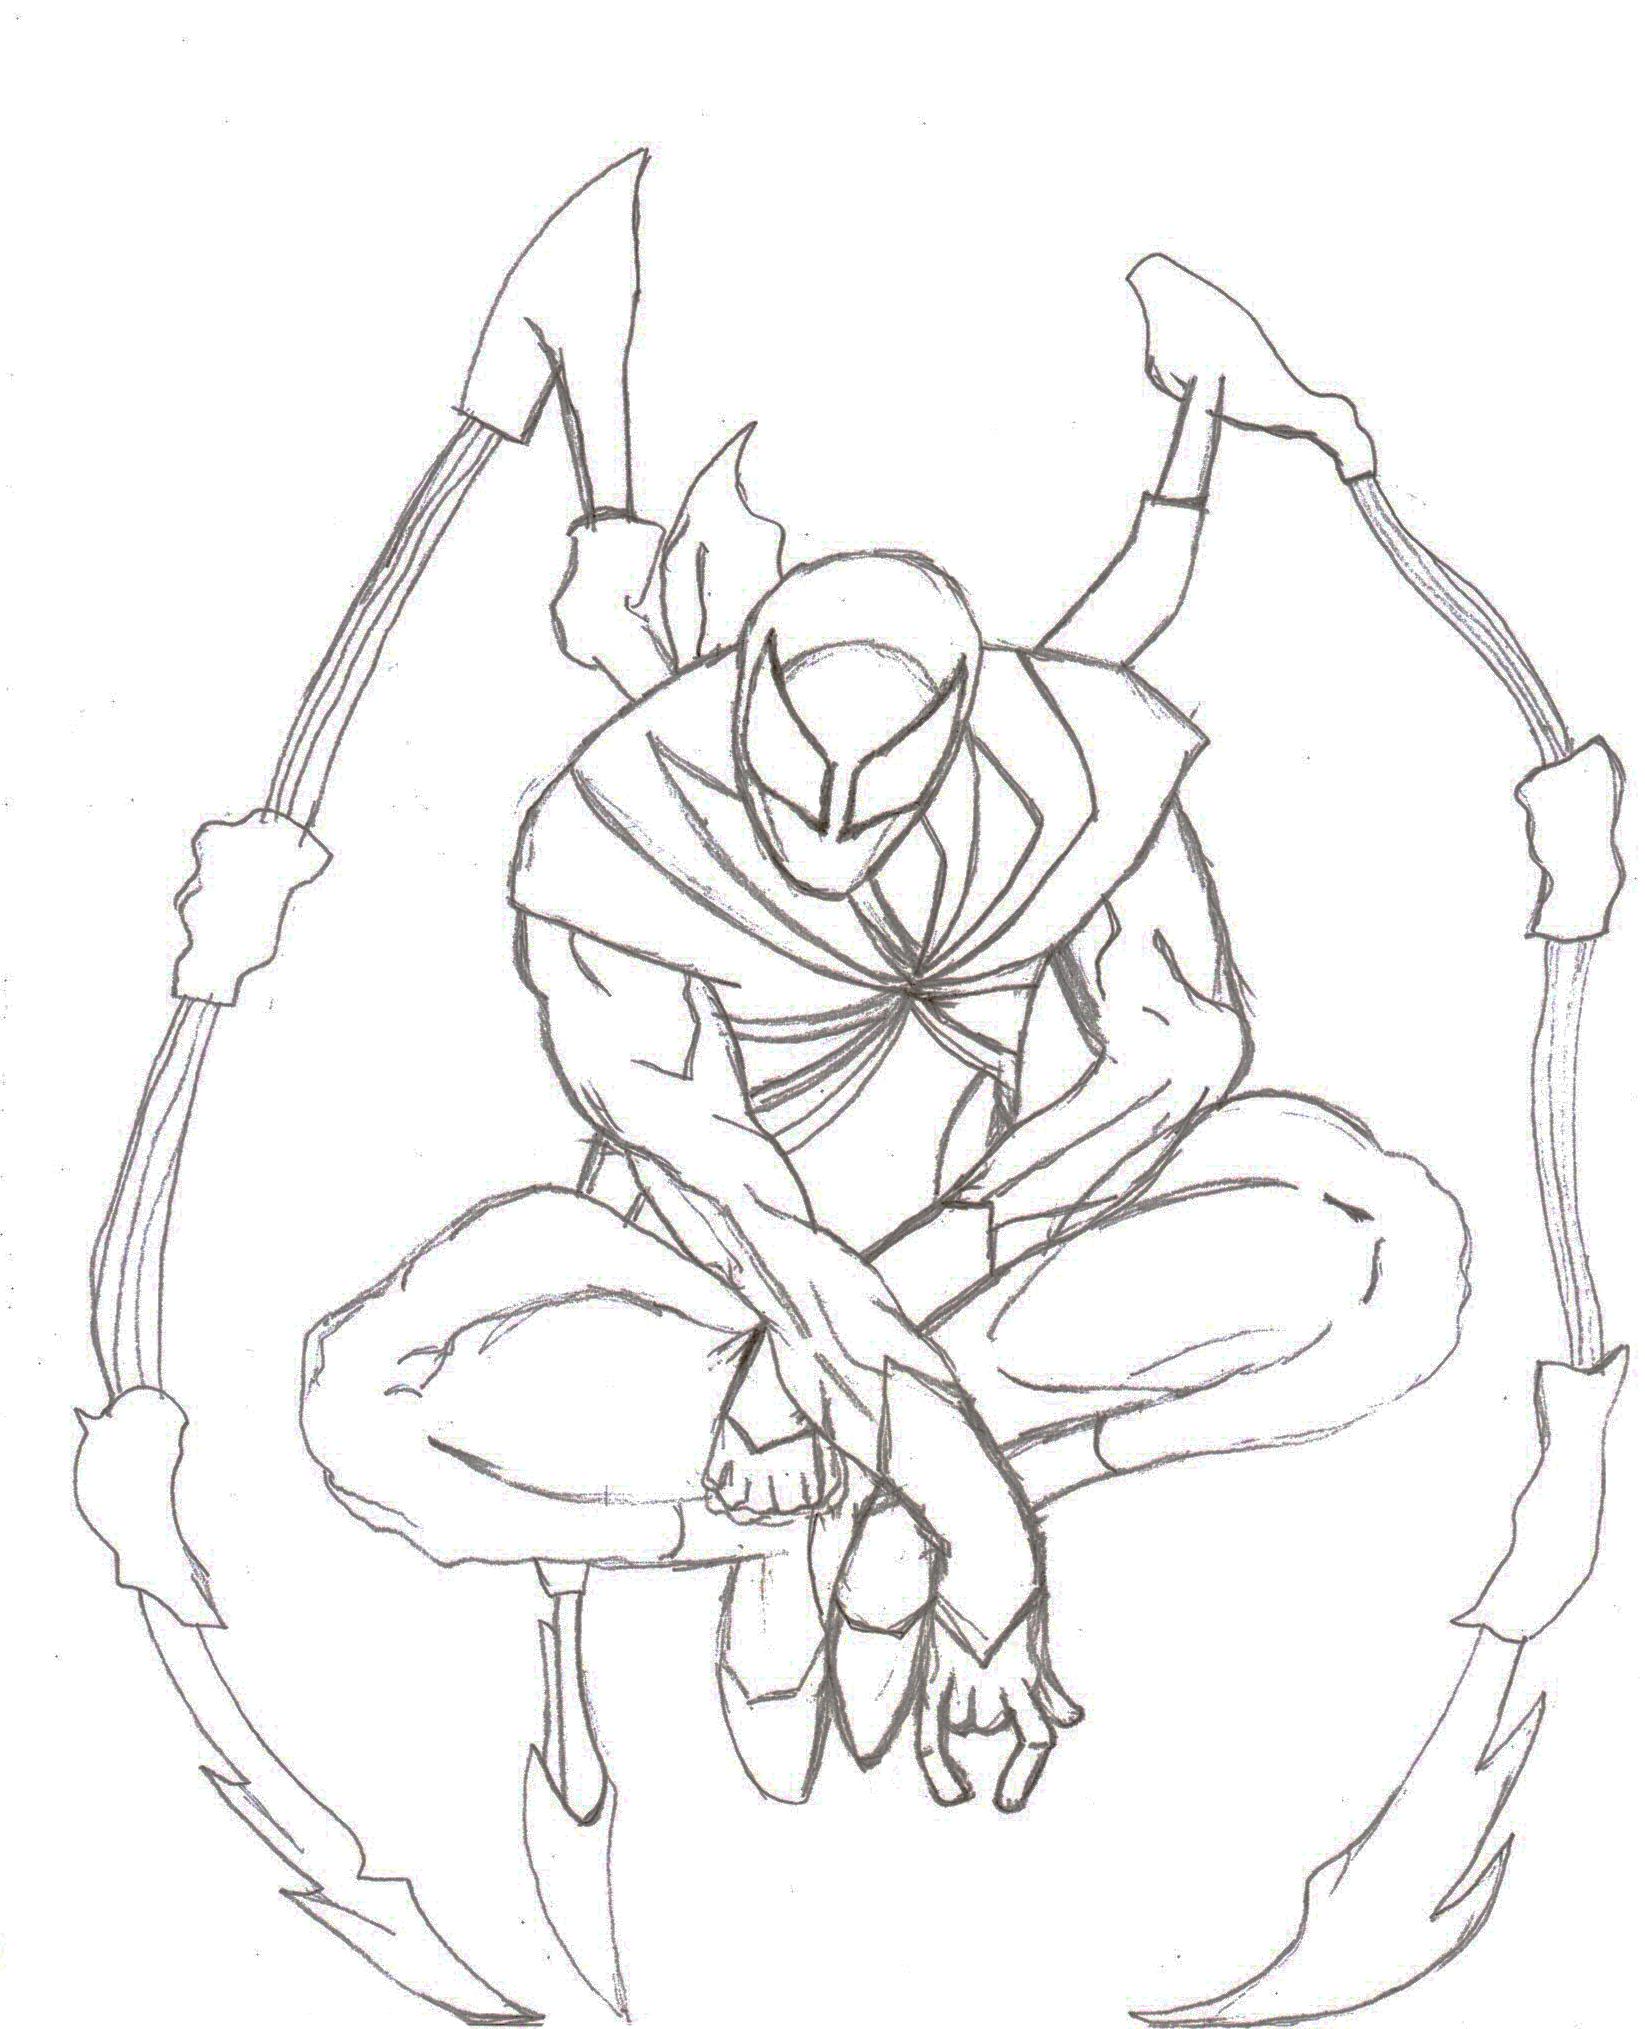 The Iron Spider by ShahzadX on DeviantArt